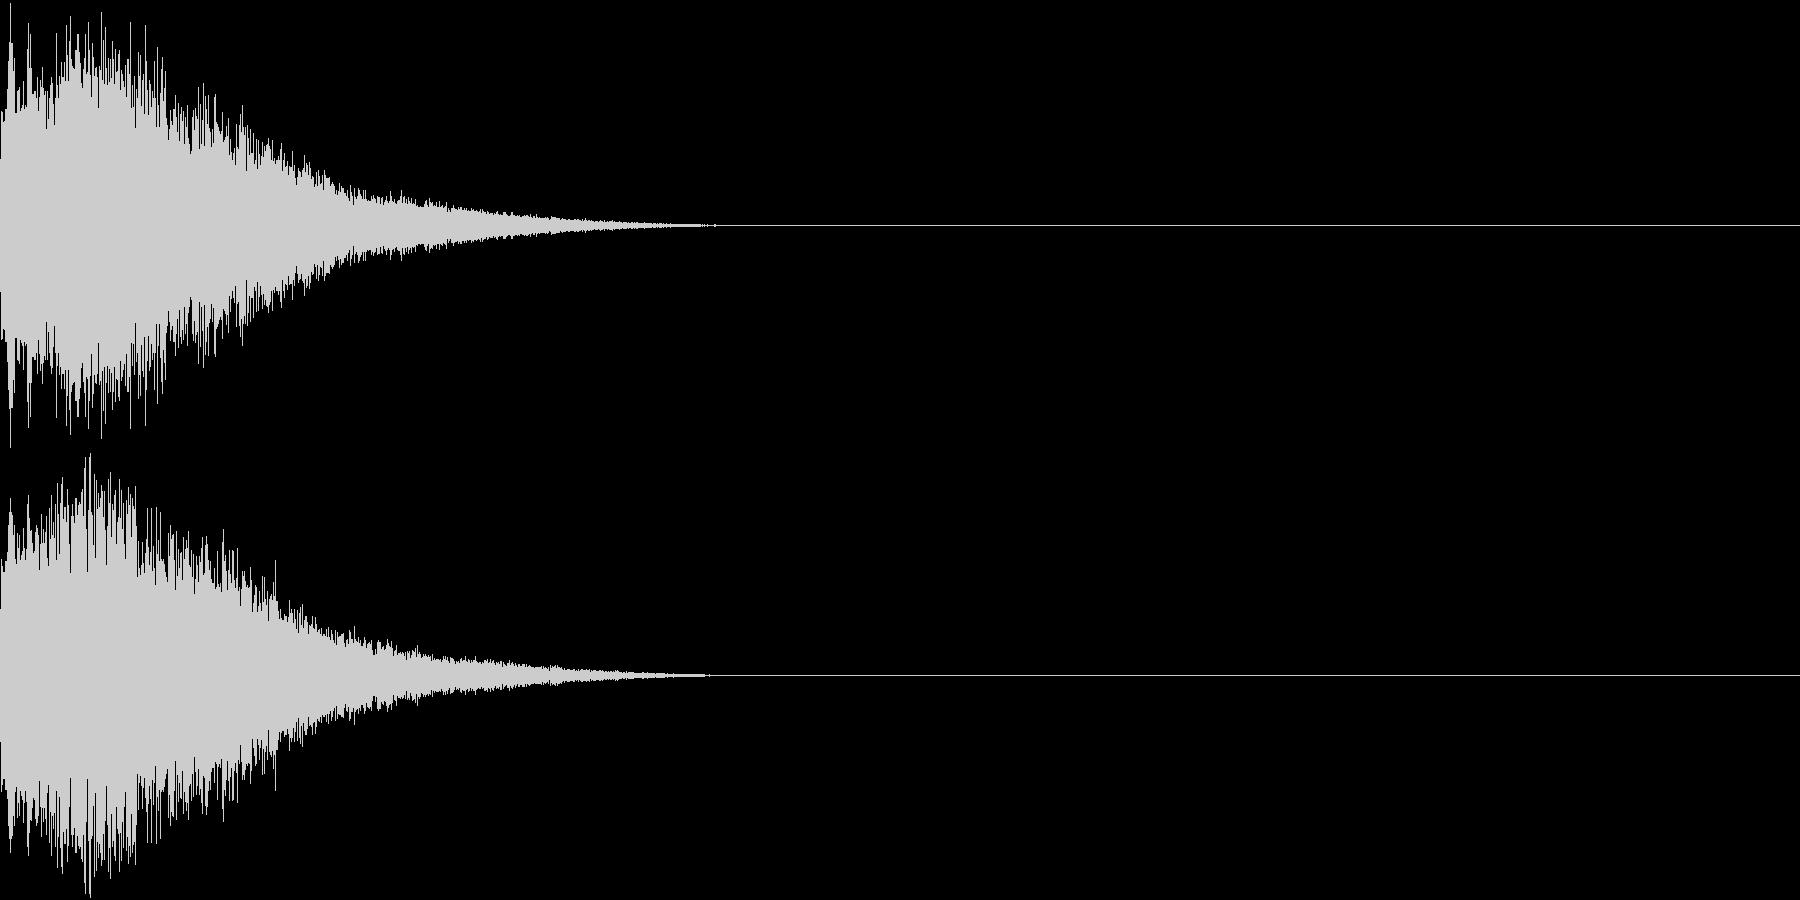 刀 剣 カキーン シャキーン 目立つ27の未再生の波形